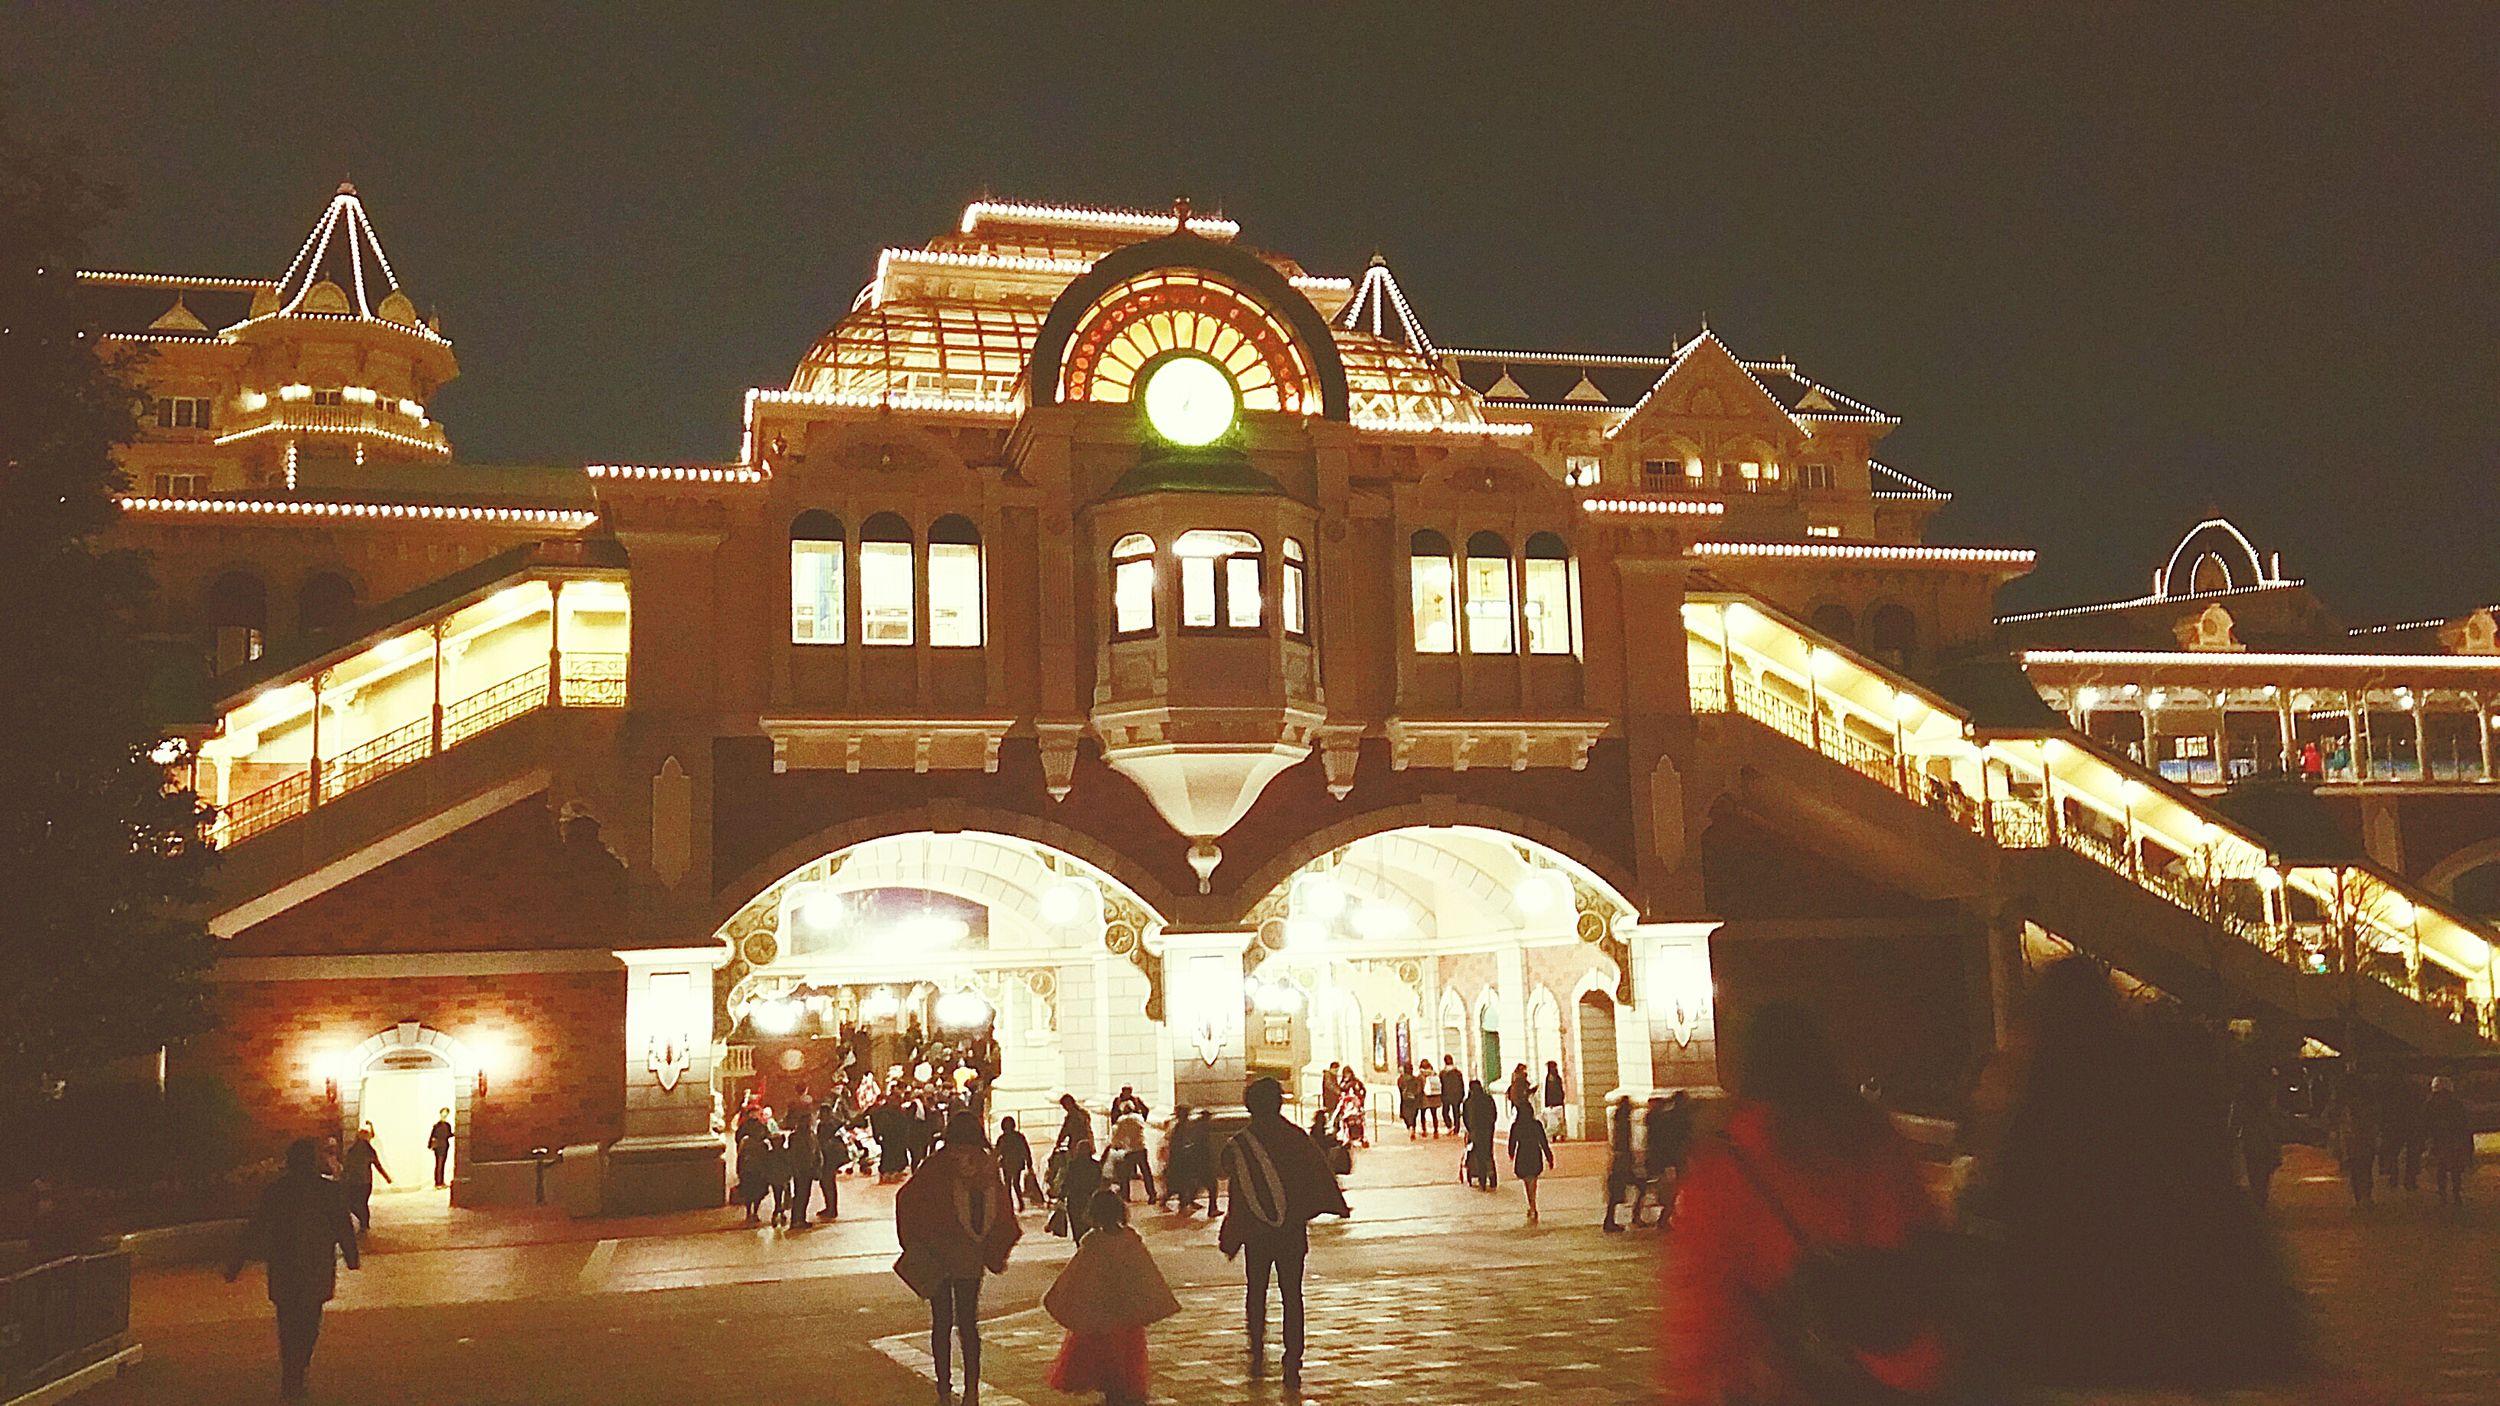 昨日、午後8時頃の東京ディズニーランド ステーション。もうすぐ春休みも終わりだね、みんな楽しかったかな?また行きたいね。 東京ディズニーランド TDR  TDL 東京ディズニーリゾート ディズニーリゾートライン Night Lights 夜景 また行こうね 楽しかったかな? 春休み Hello World 夢の国